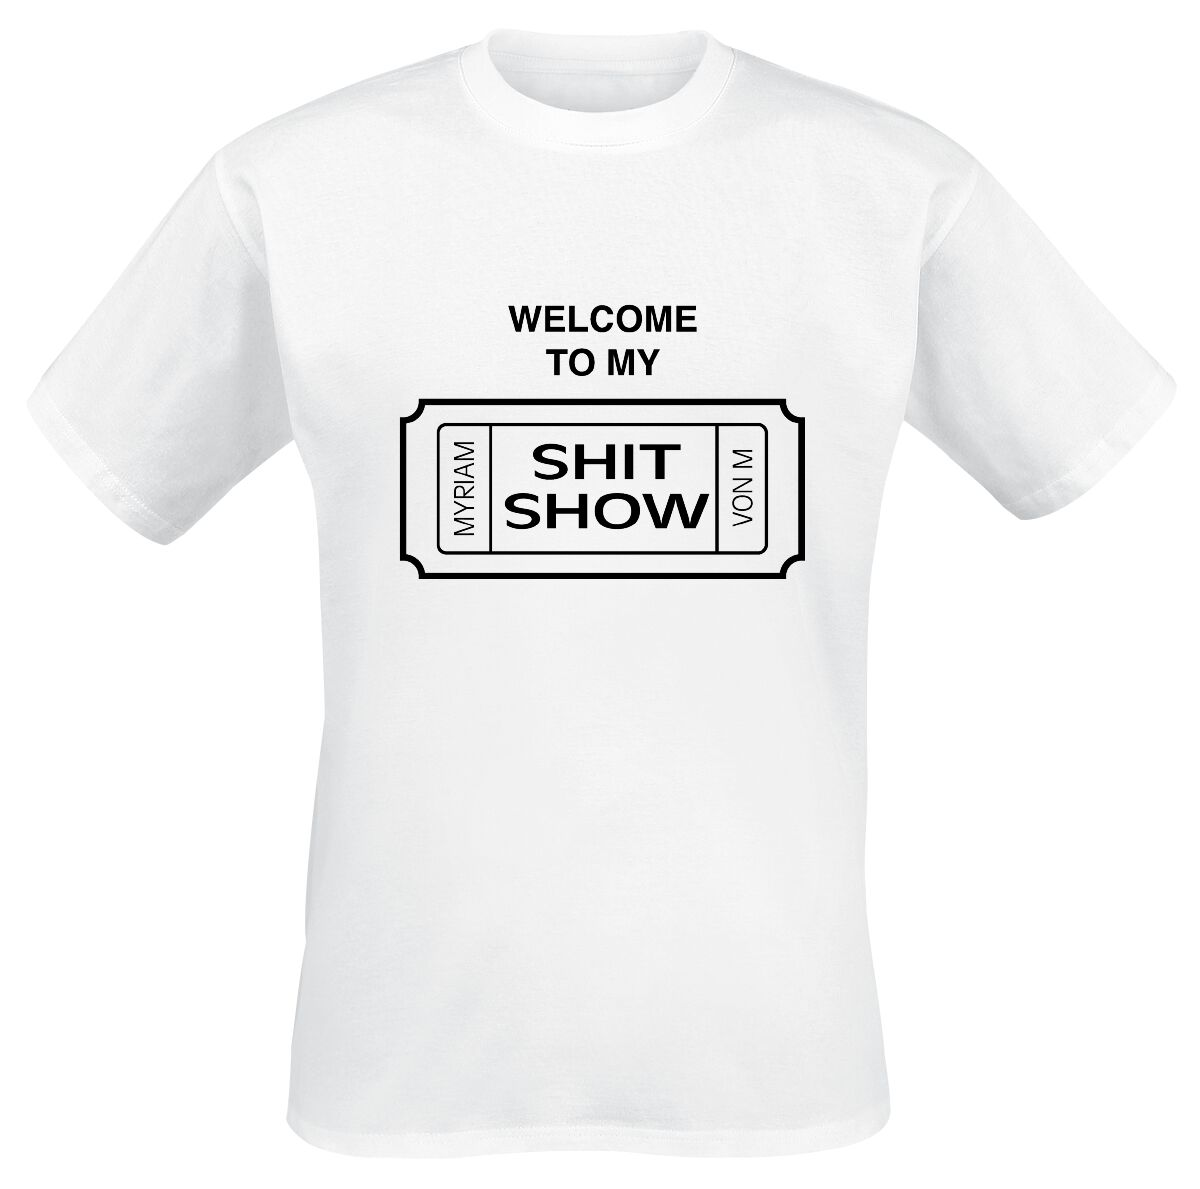 Myriam von M Shit Show T-Shirt weiß POD - MvM Shit Show